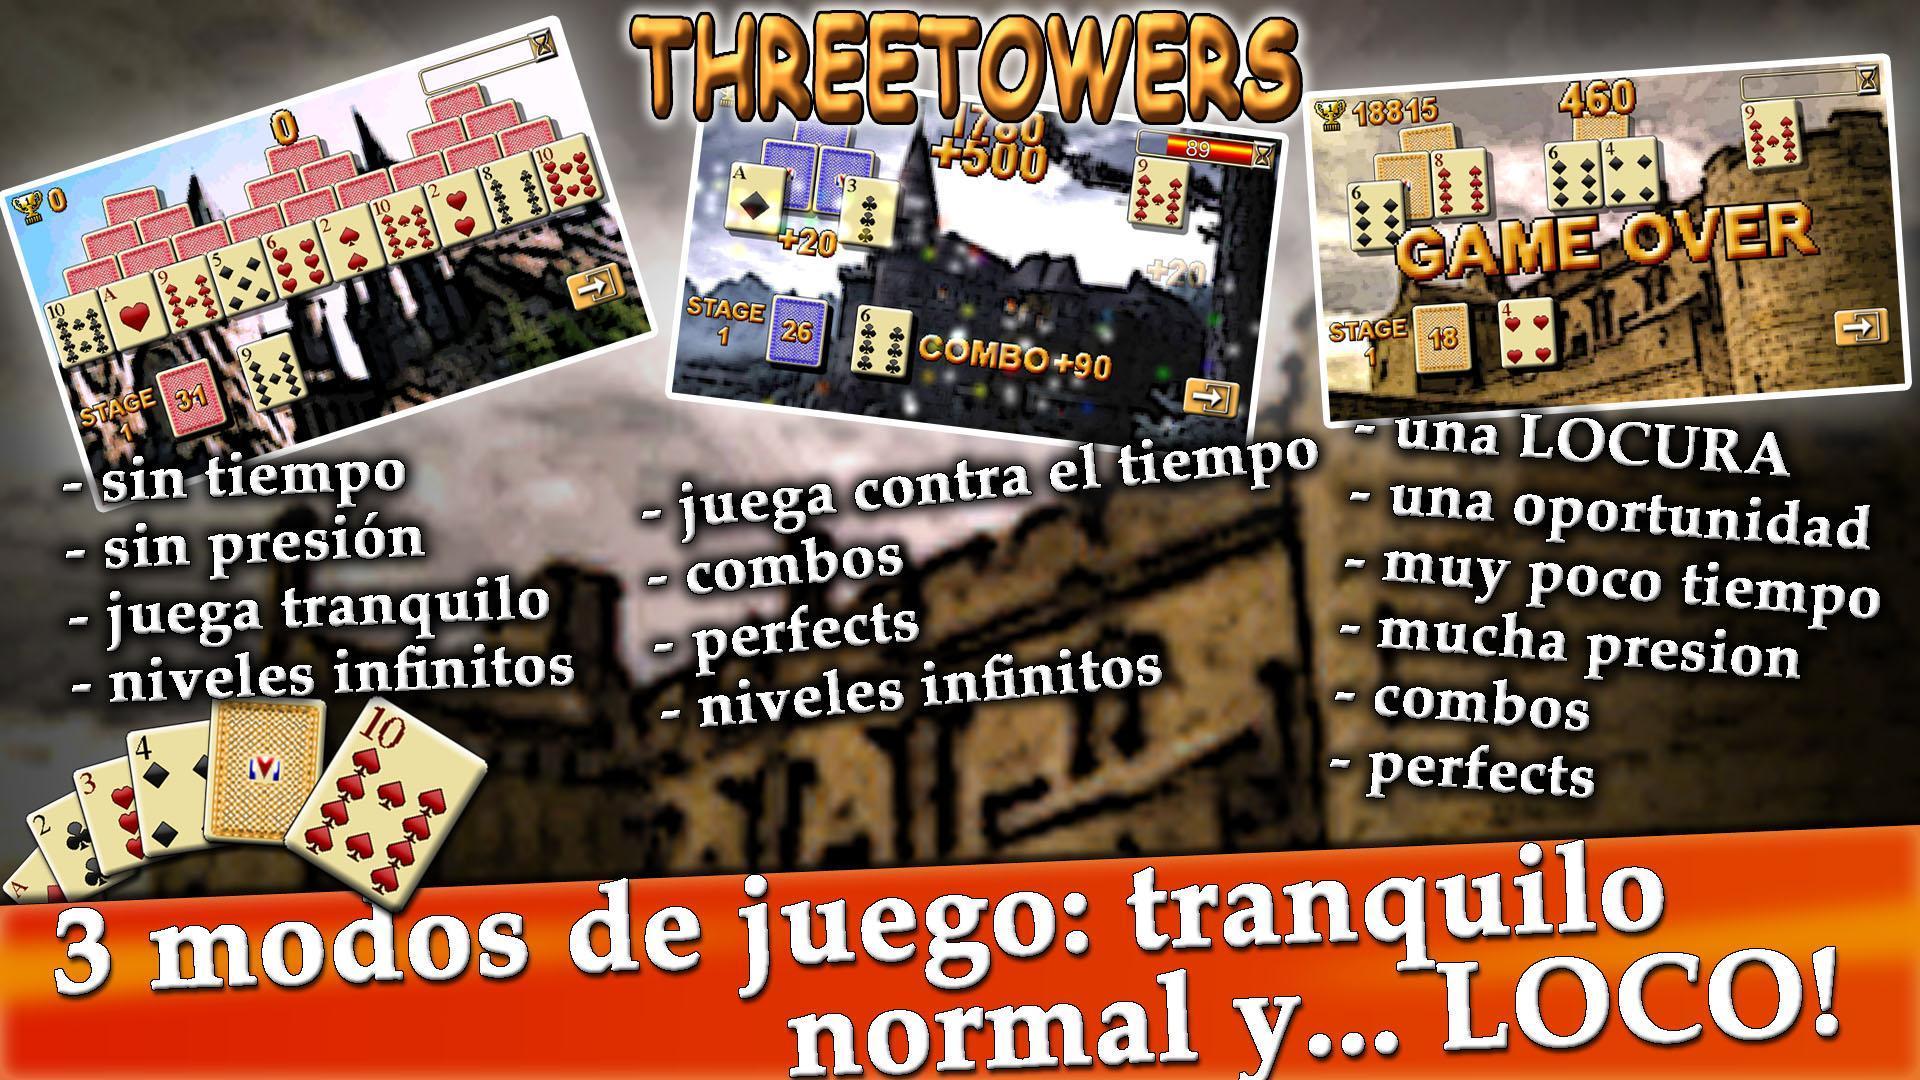 Simular antecedentes articulo  TresTorres, Solitario de Cartas Arcade Gratis for Android - APK Download